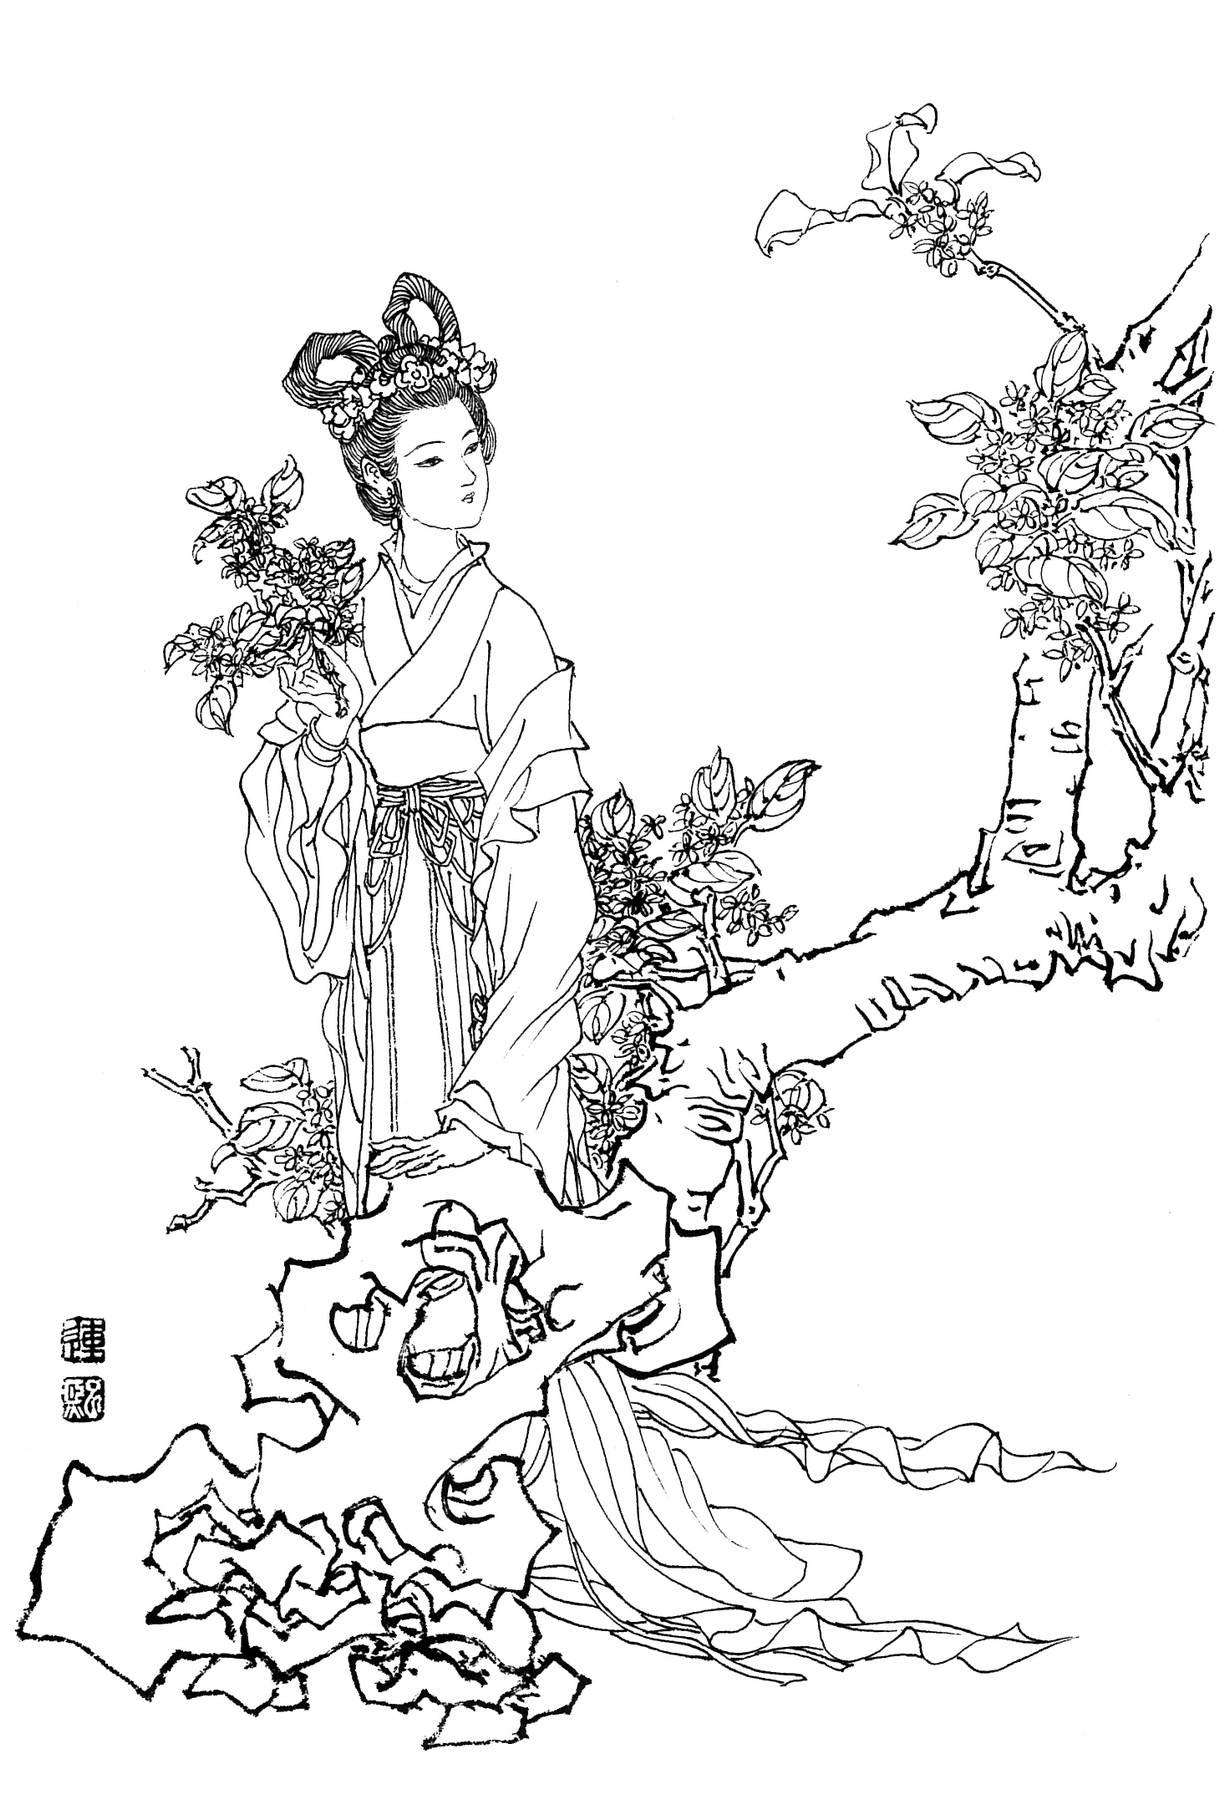 工笔画神话人物白描线稿素材高清图